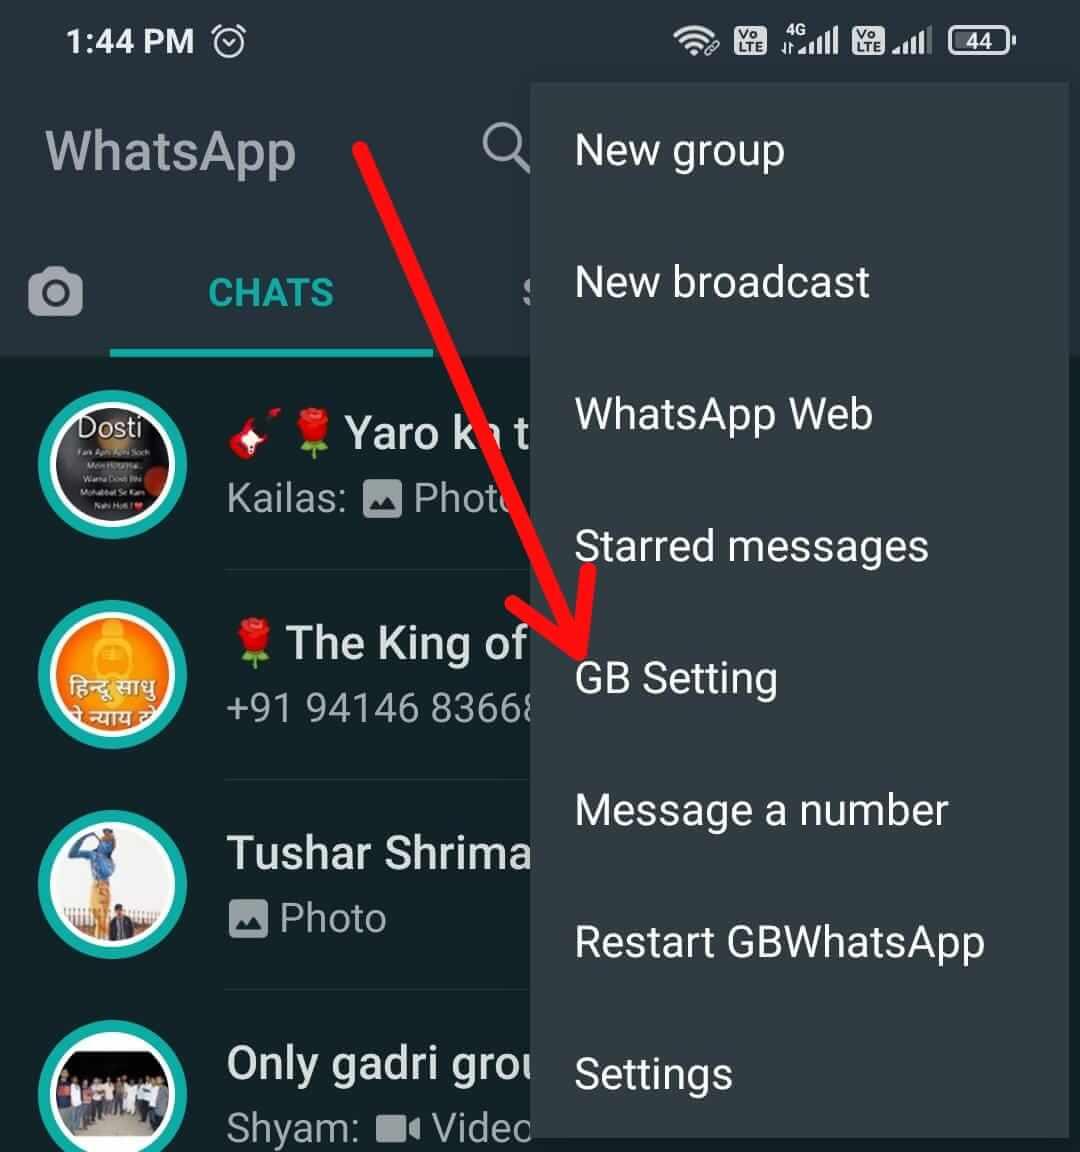 बिना Seen किये किसी का Whatsapp Status कैसे देखें GB Whatsapp में बिना Seen किये किसी का Whatsapp Status कैसे देखें FM Whatsapp में बिना Seen किये किसी का Whatsapp Status कैसे देखें